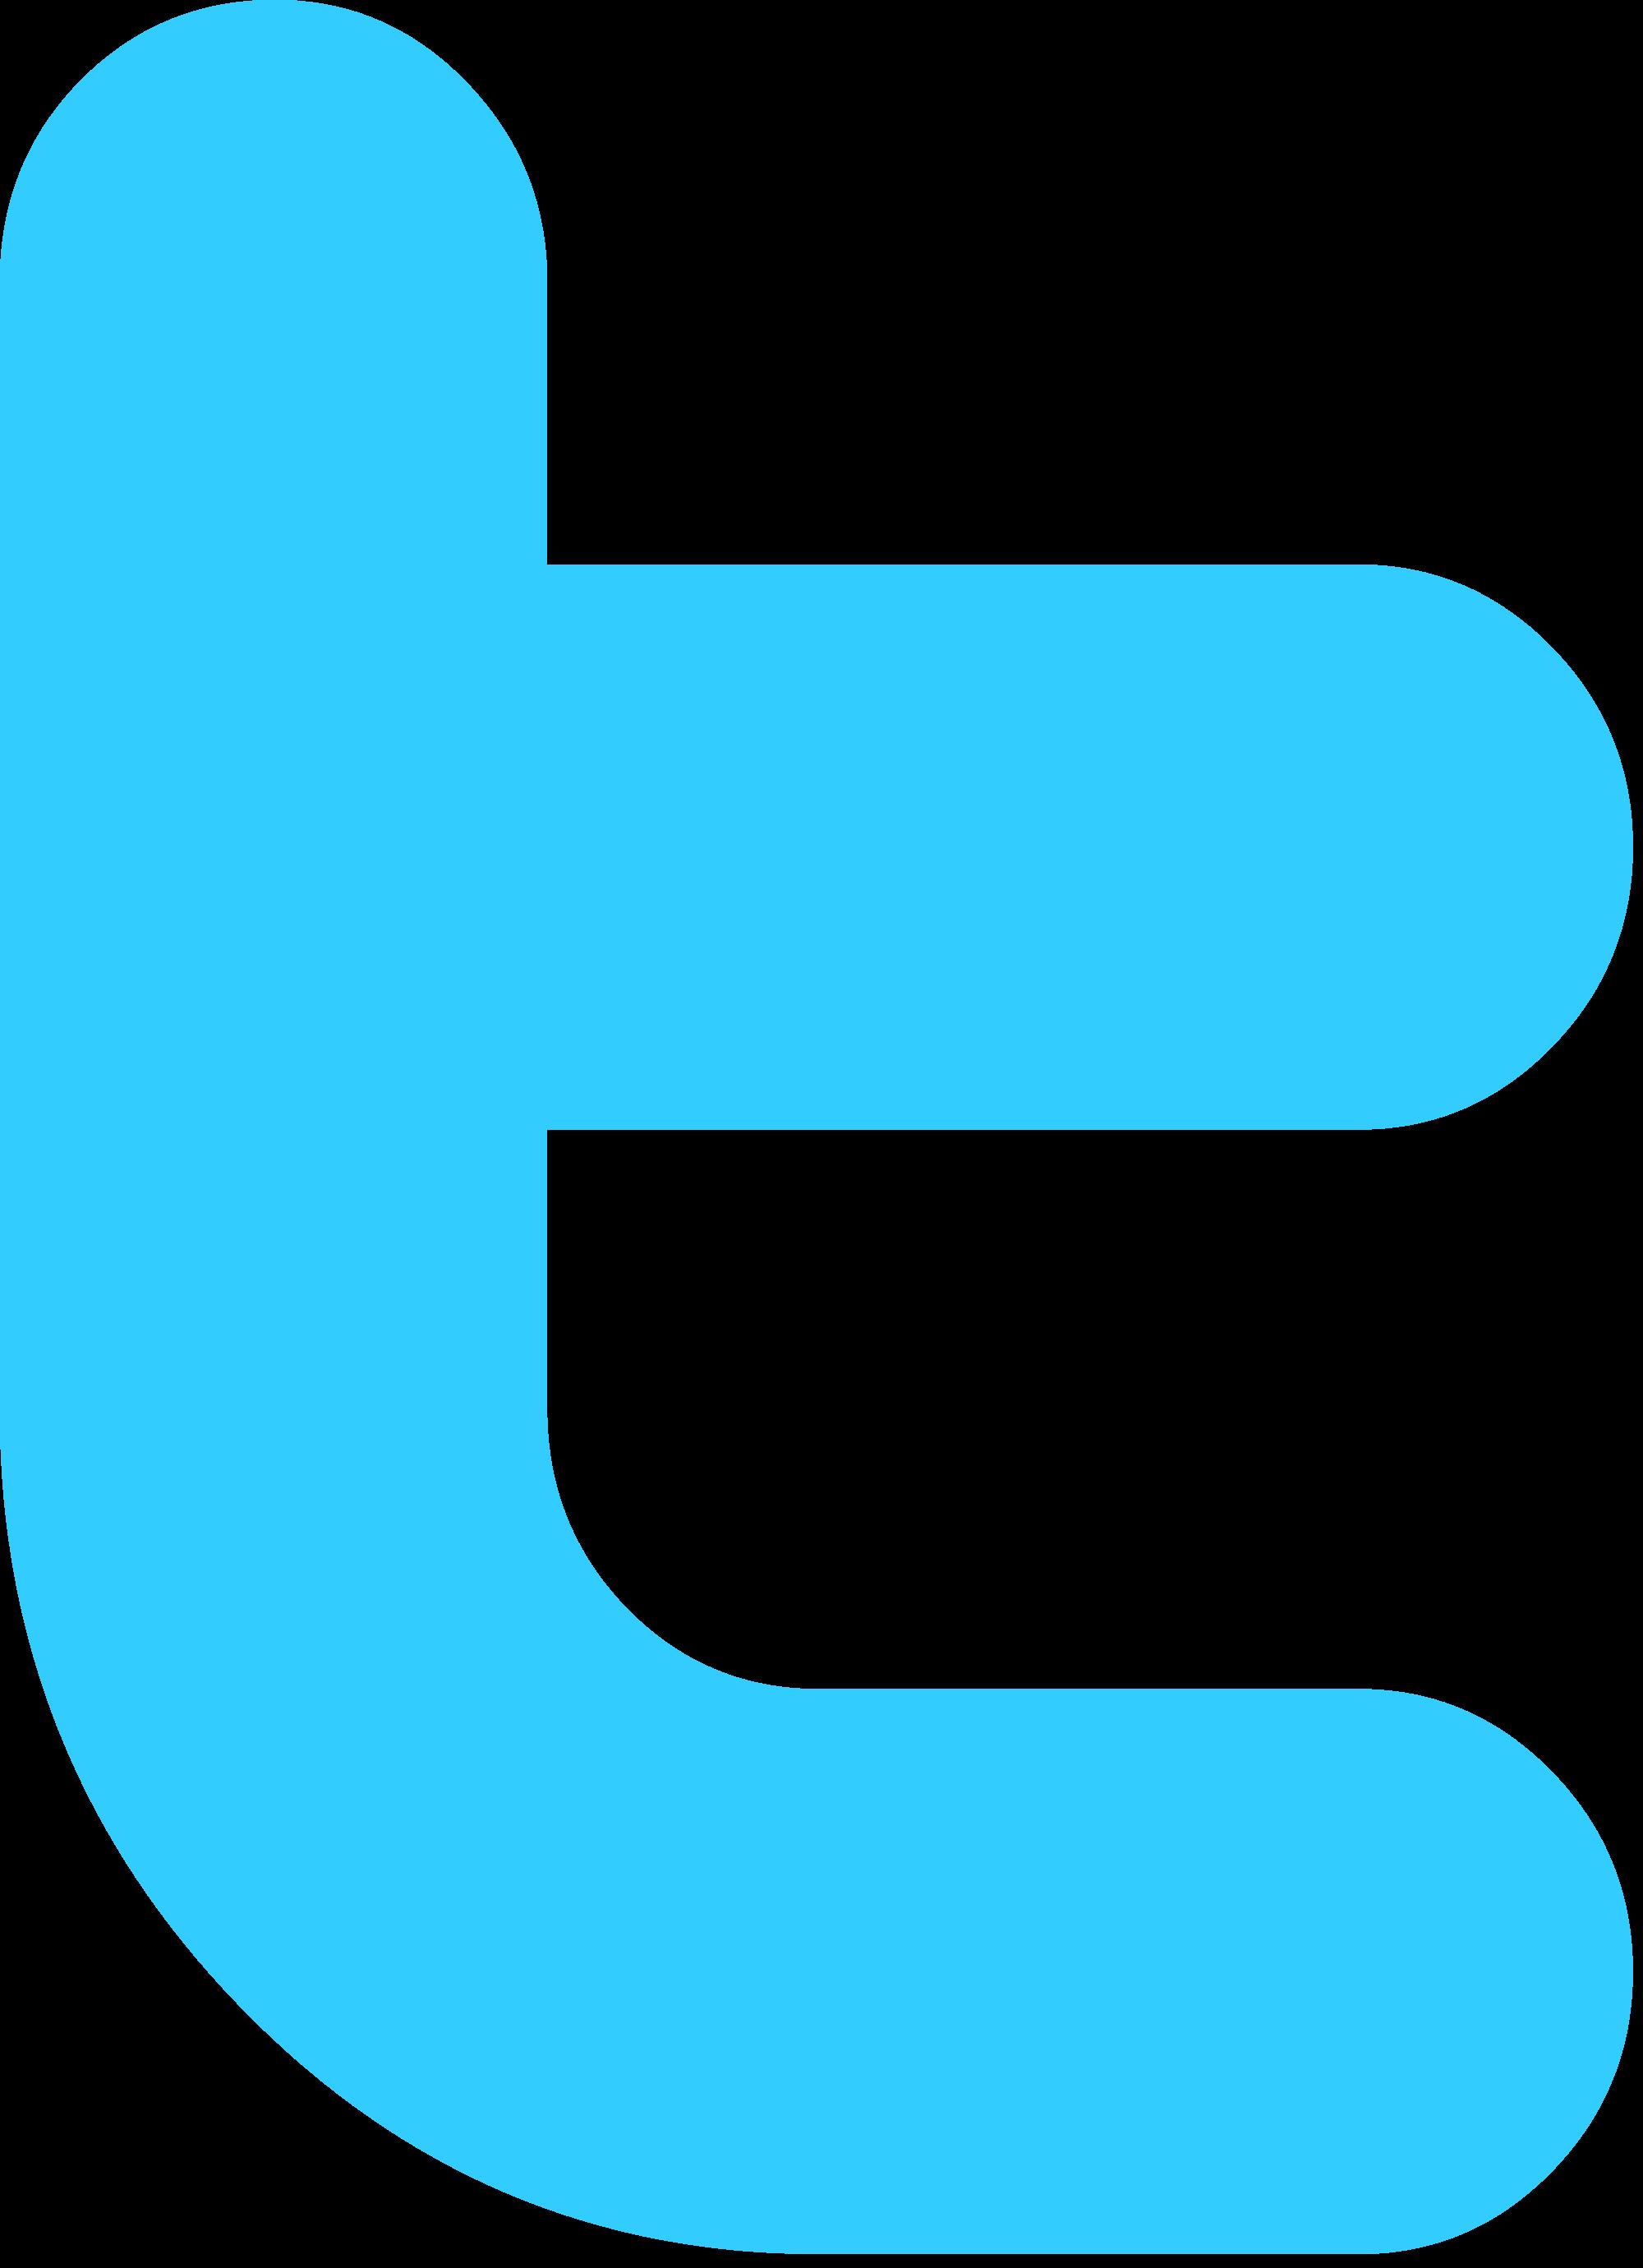 Twitter logos png. File logo initial svg